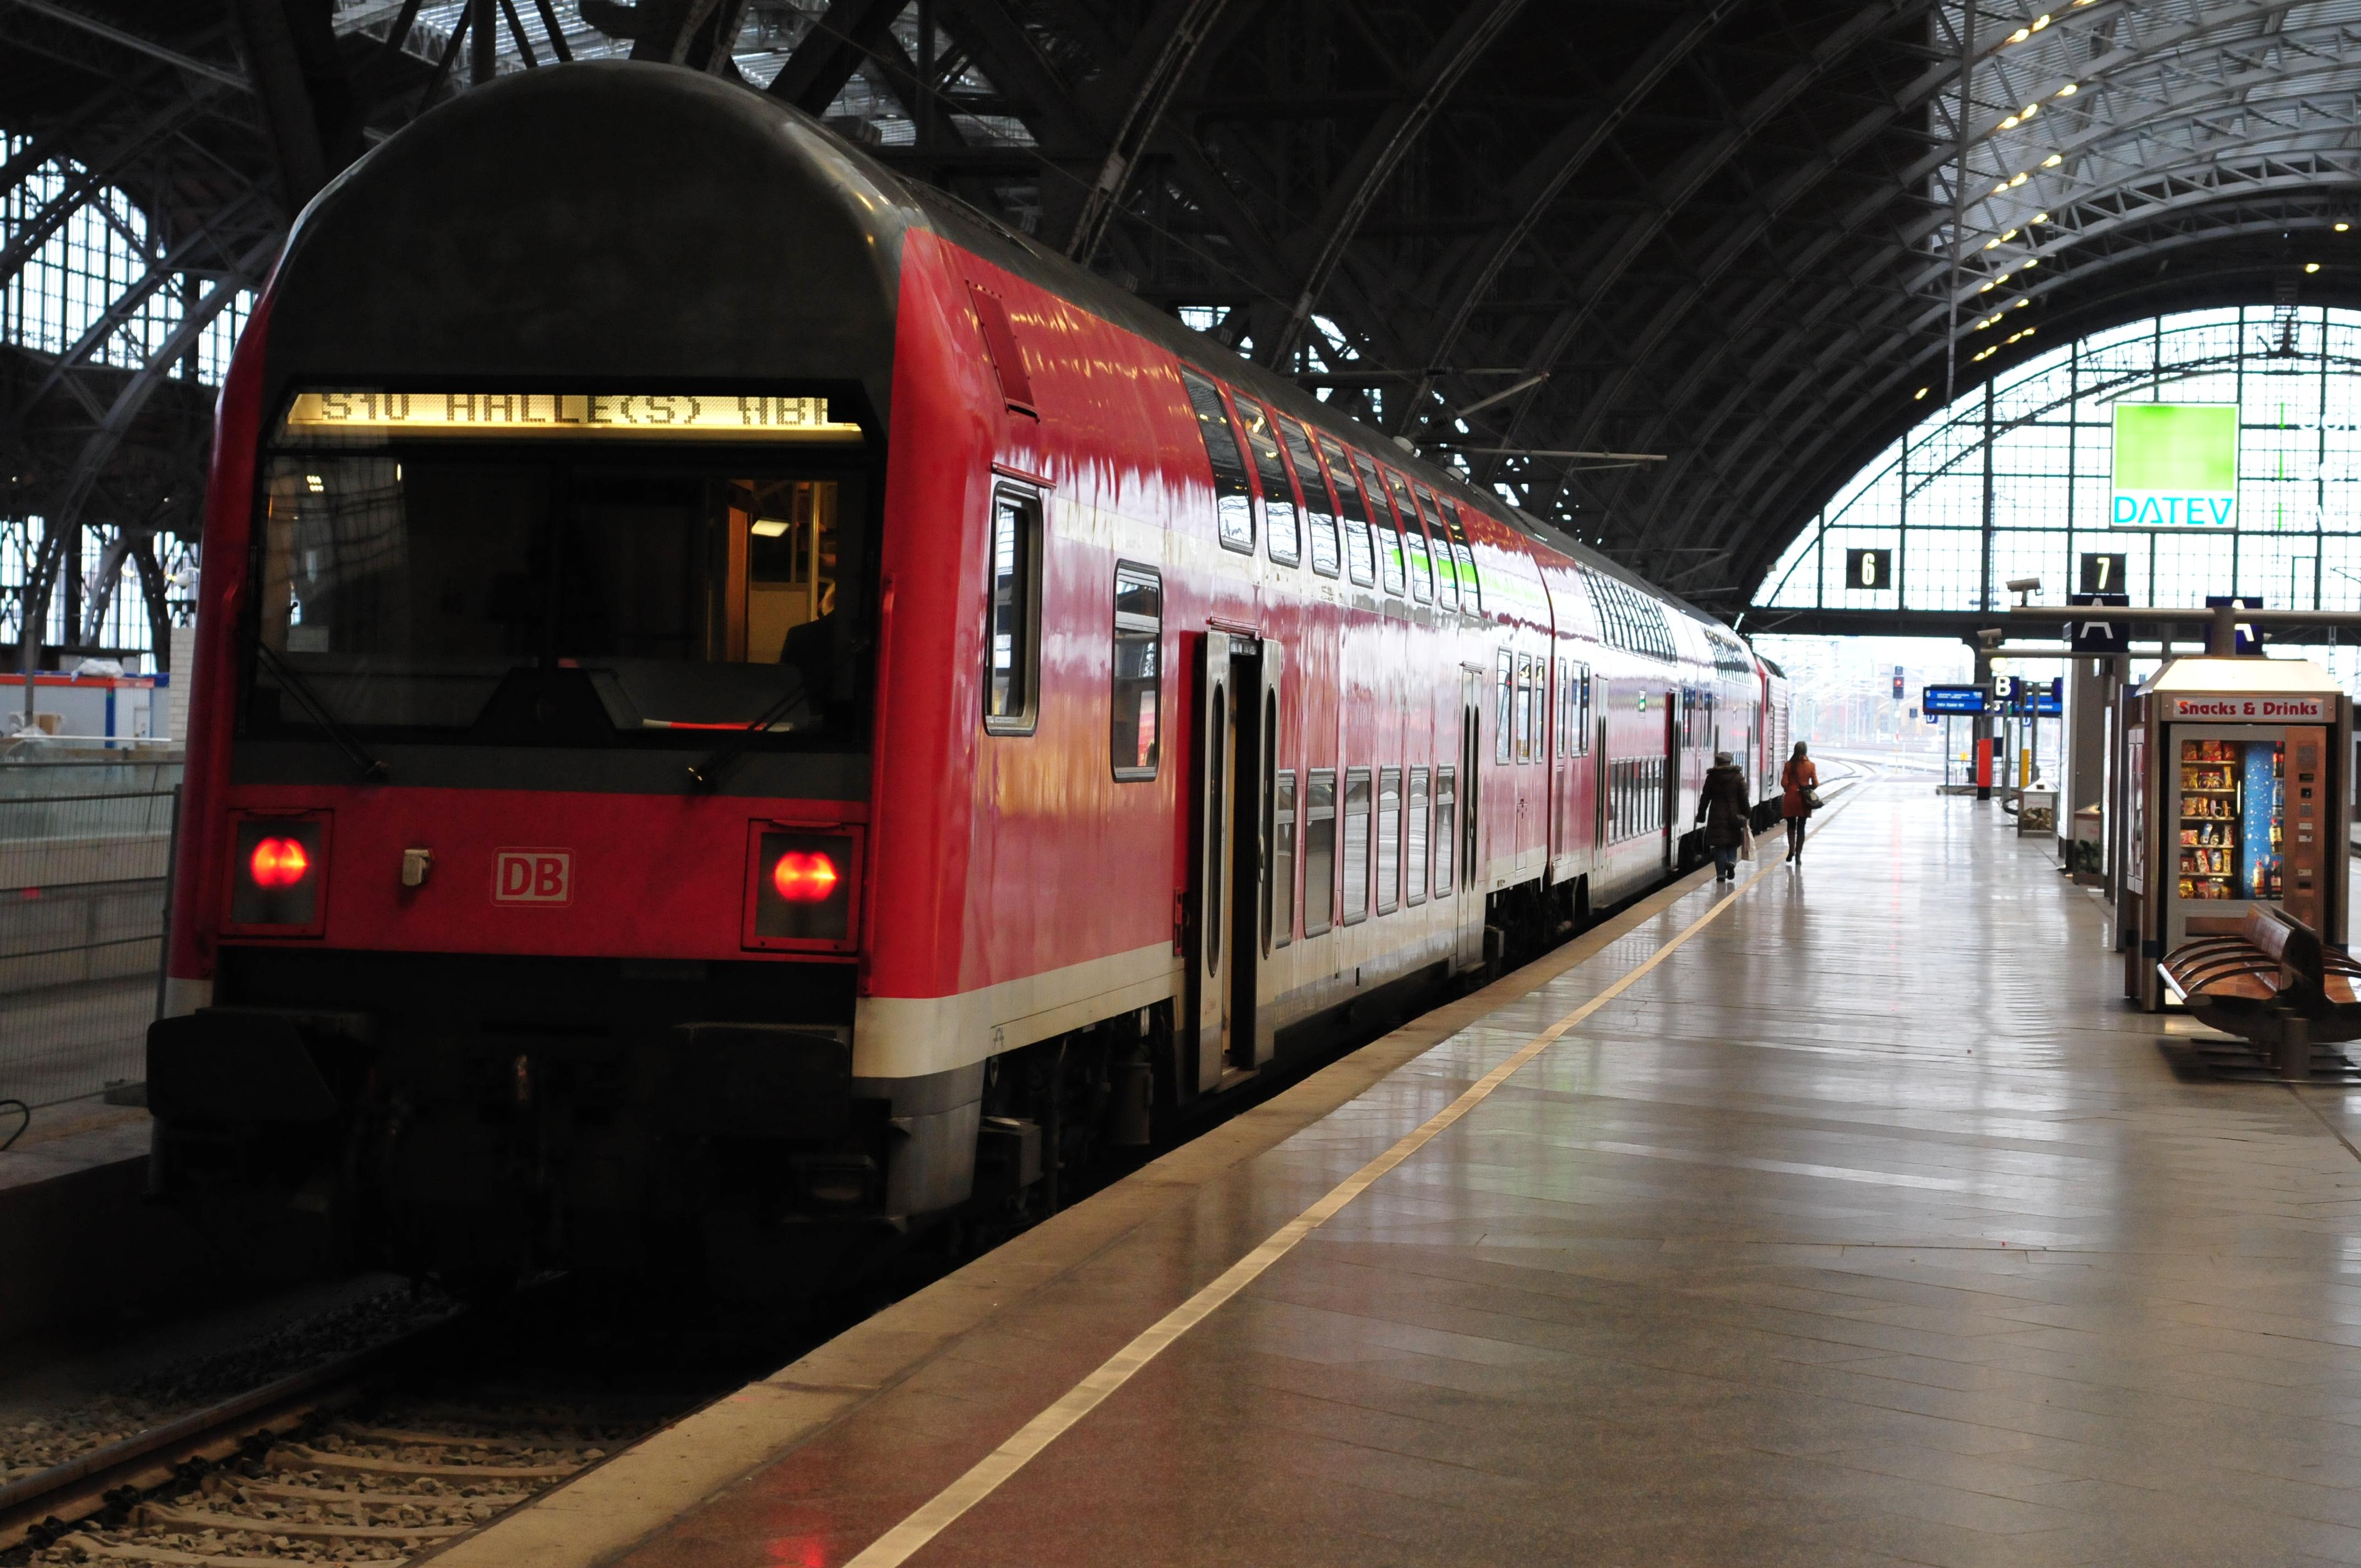 13-01-09-test-solmeta-n3-206.jpg